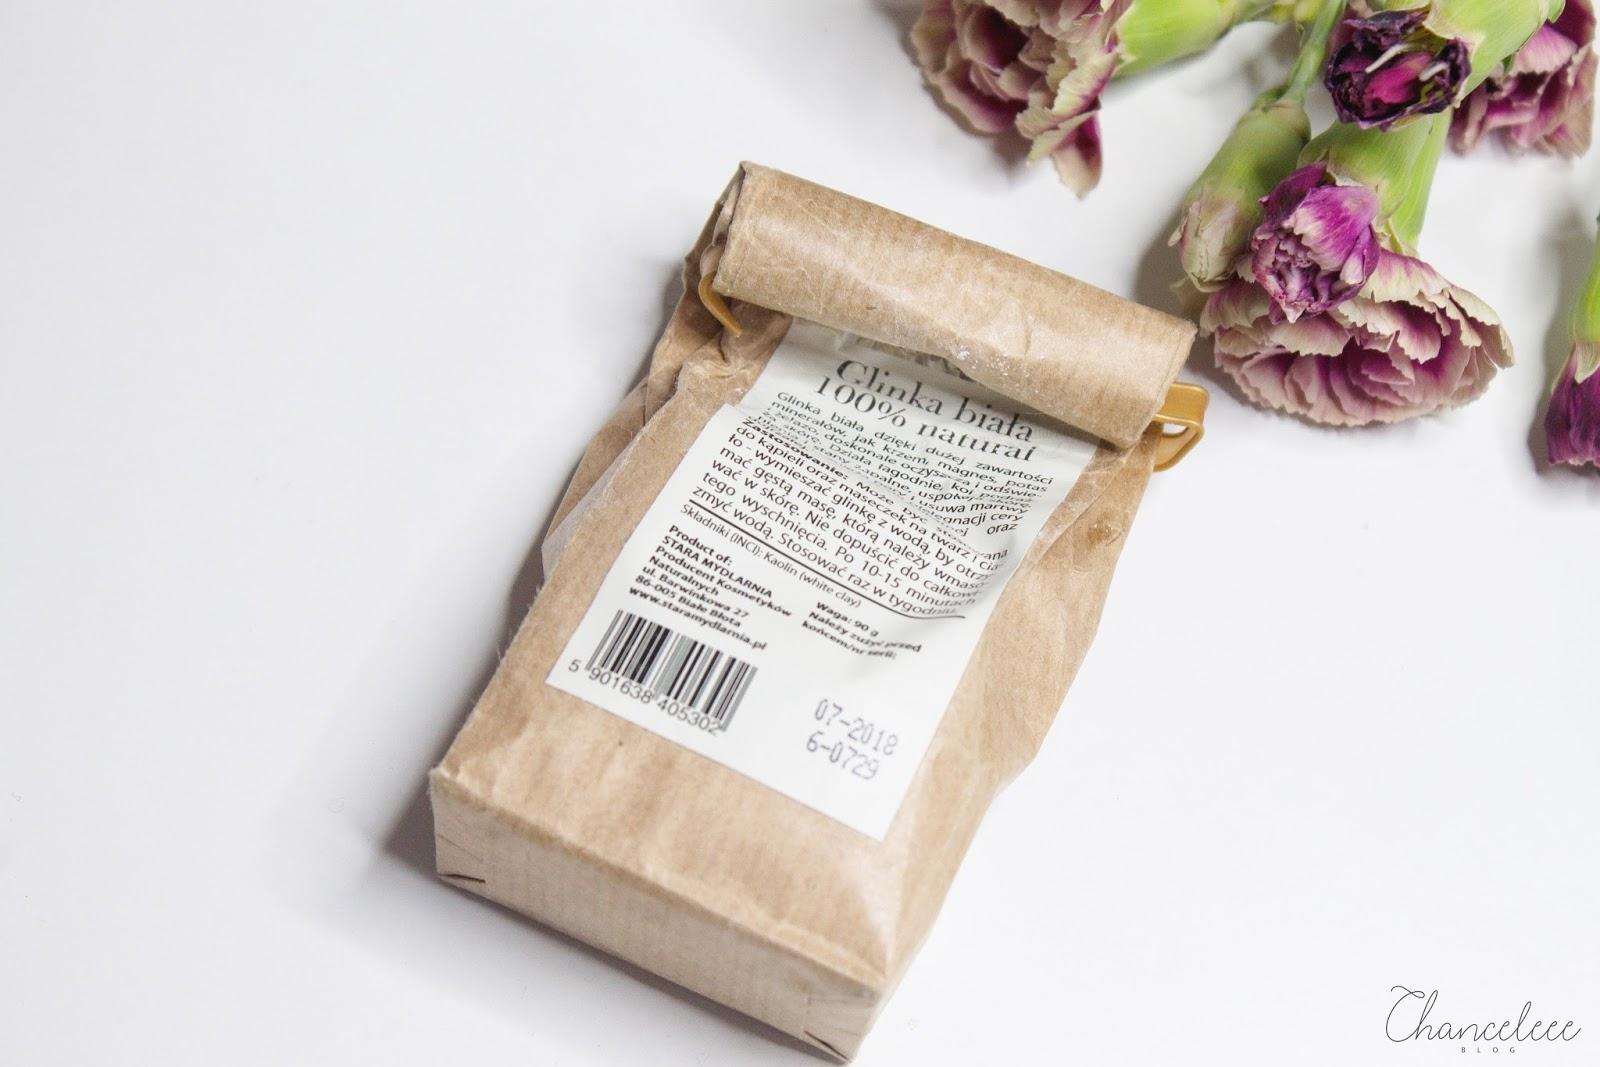 Stara Mydlarnia glinka biała 100% naturalna